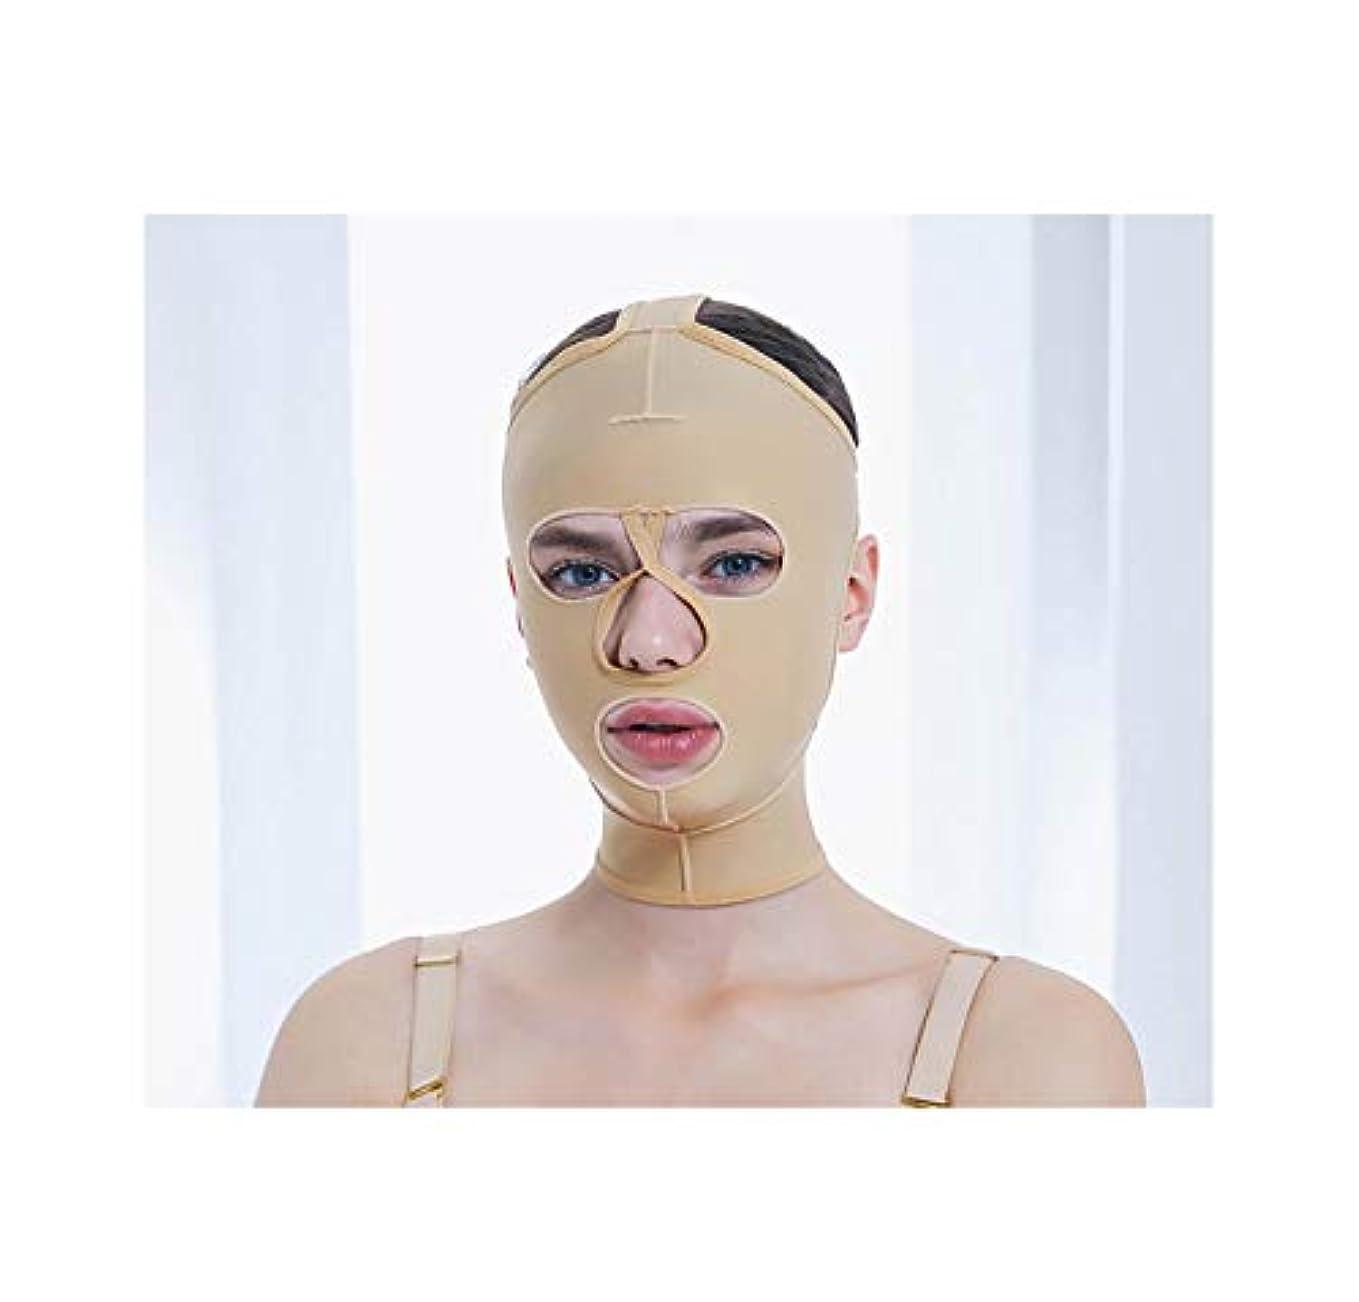 不純疲労吹きさらしGLJJQMY 顔と首のリフト痩身マスク脂肪吸引術脂肪吸引整形マスクフードフェイシャルリフティングアーティファクトVフェイスビーム弾性スリーブ 顔用整形マスク (Size : XXL)